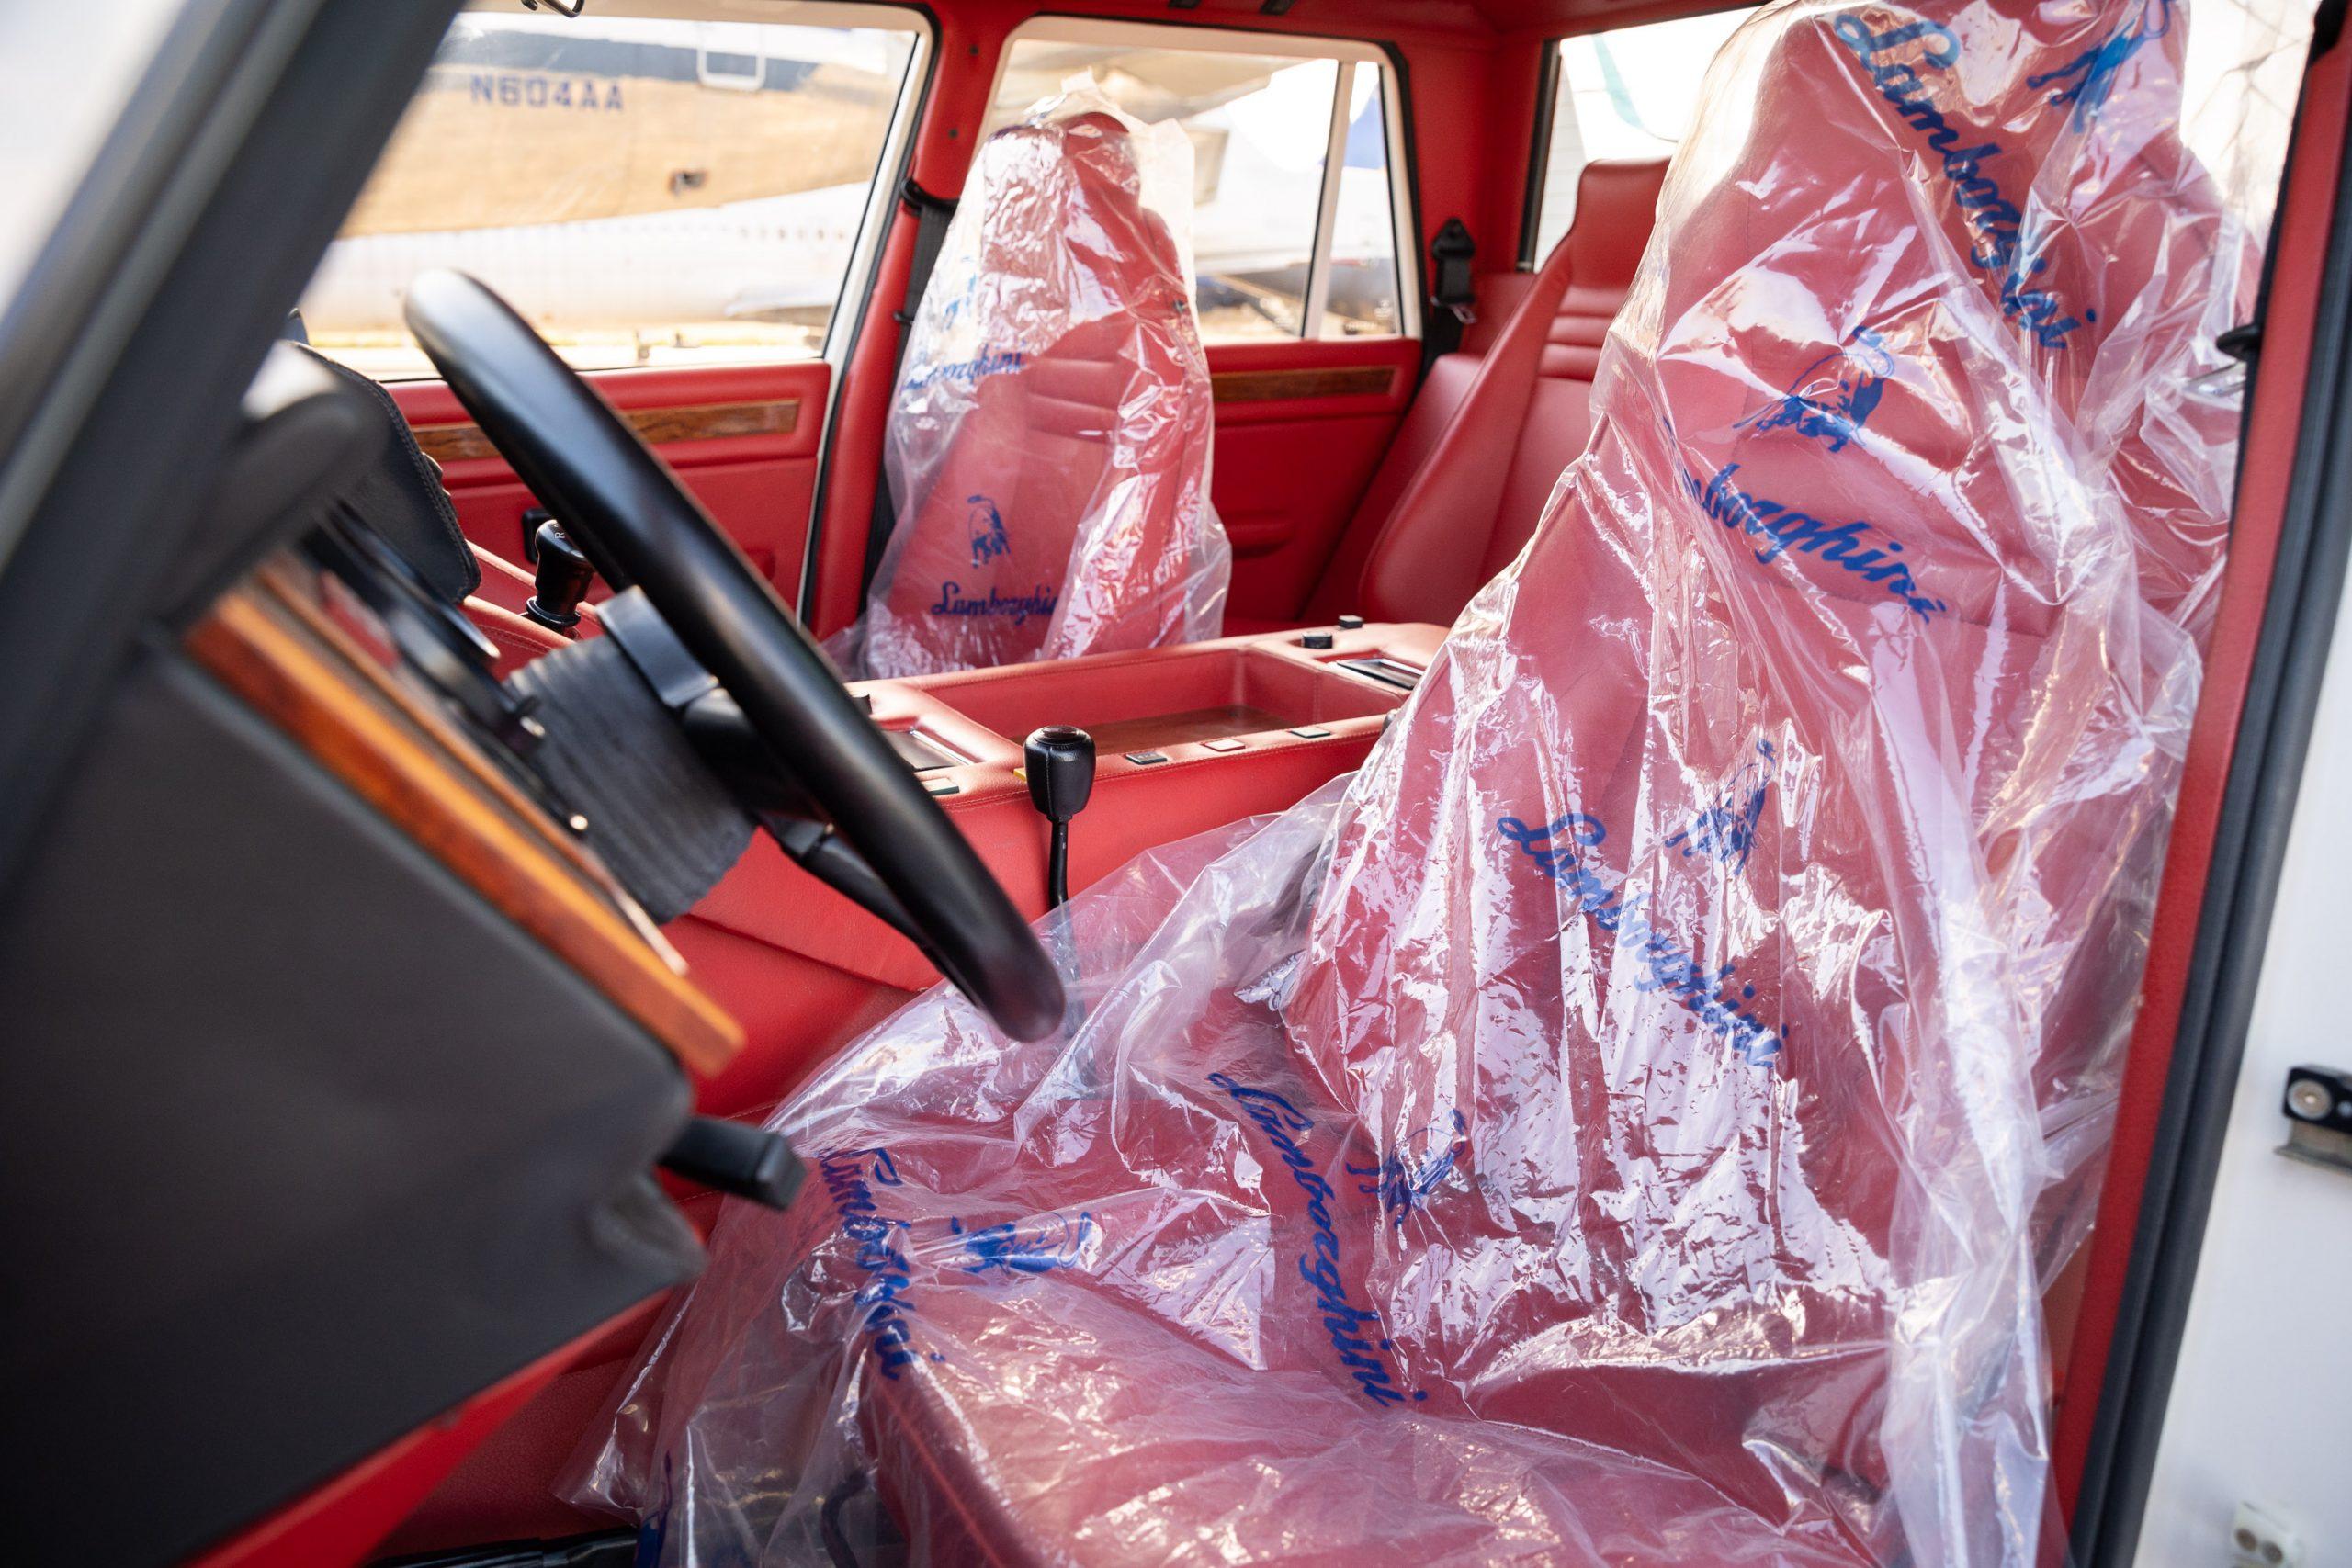 1990 Lamborghini LM American interior seats